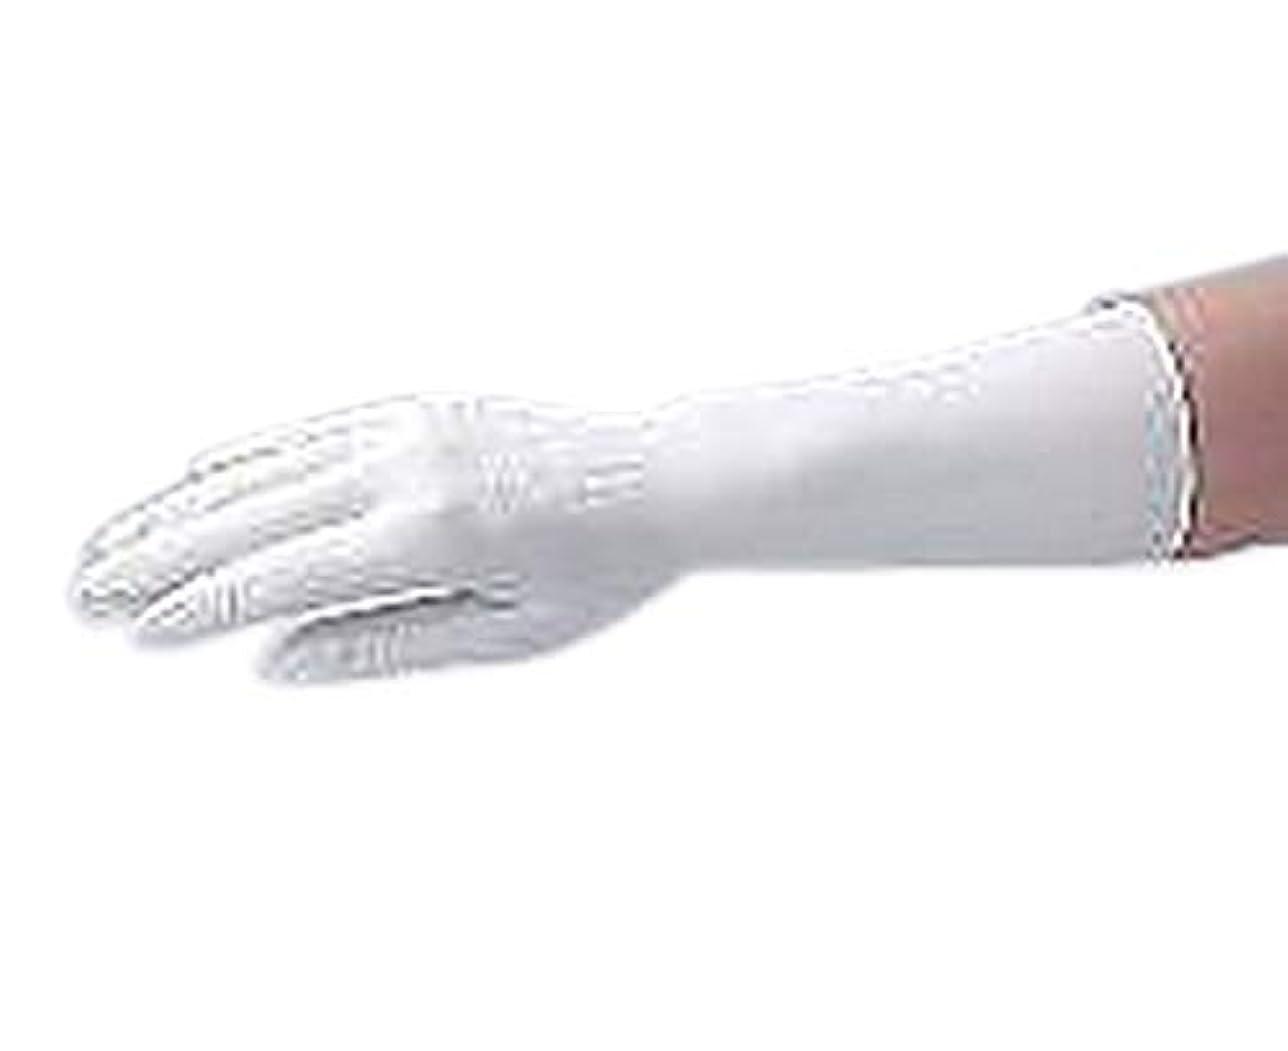 アズワン アズピュア クリーンノール ニトリル手袋(ペアタイプ) XL 左右各100枚×5袋入 /1-2323-55